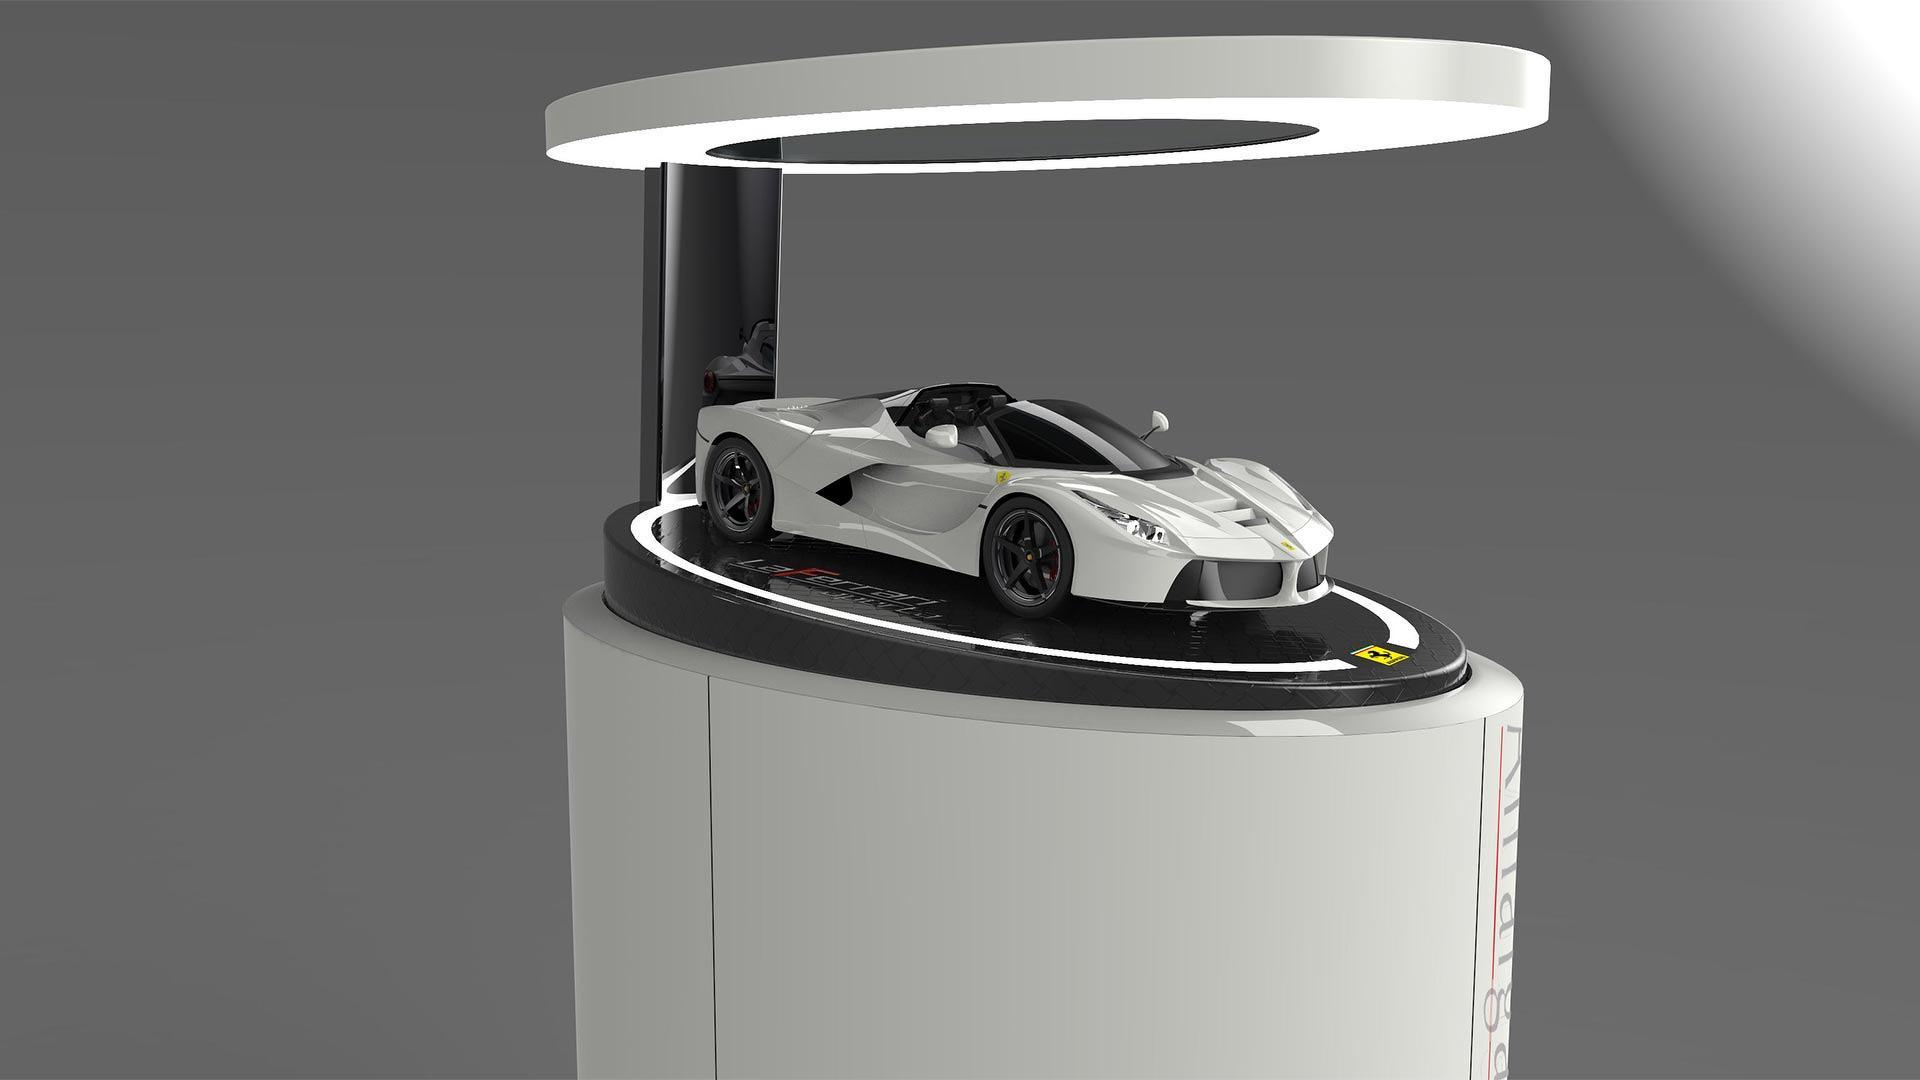 LaFerrari_Aperta_Amalgam_scale_model_02